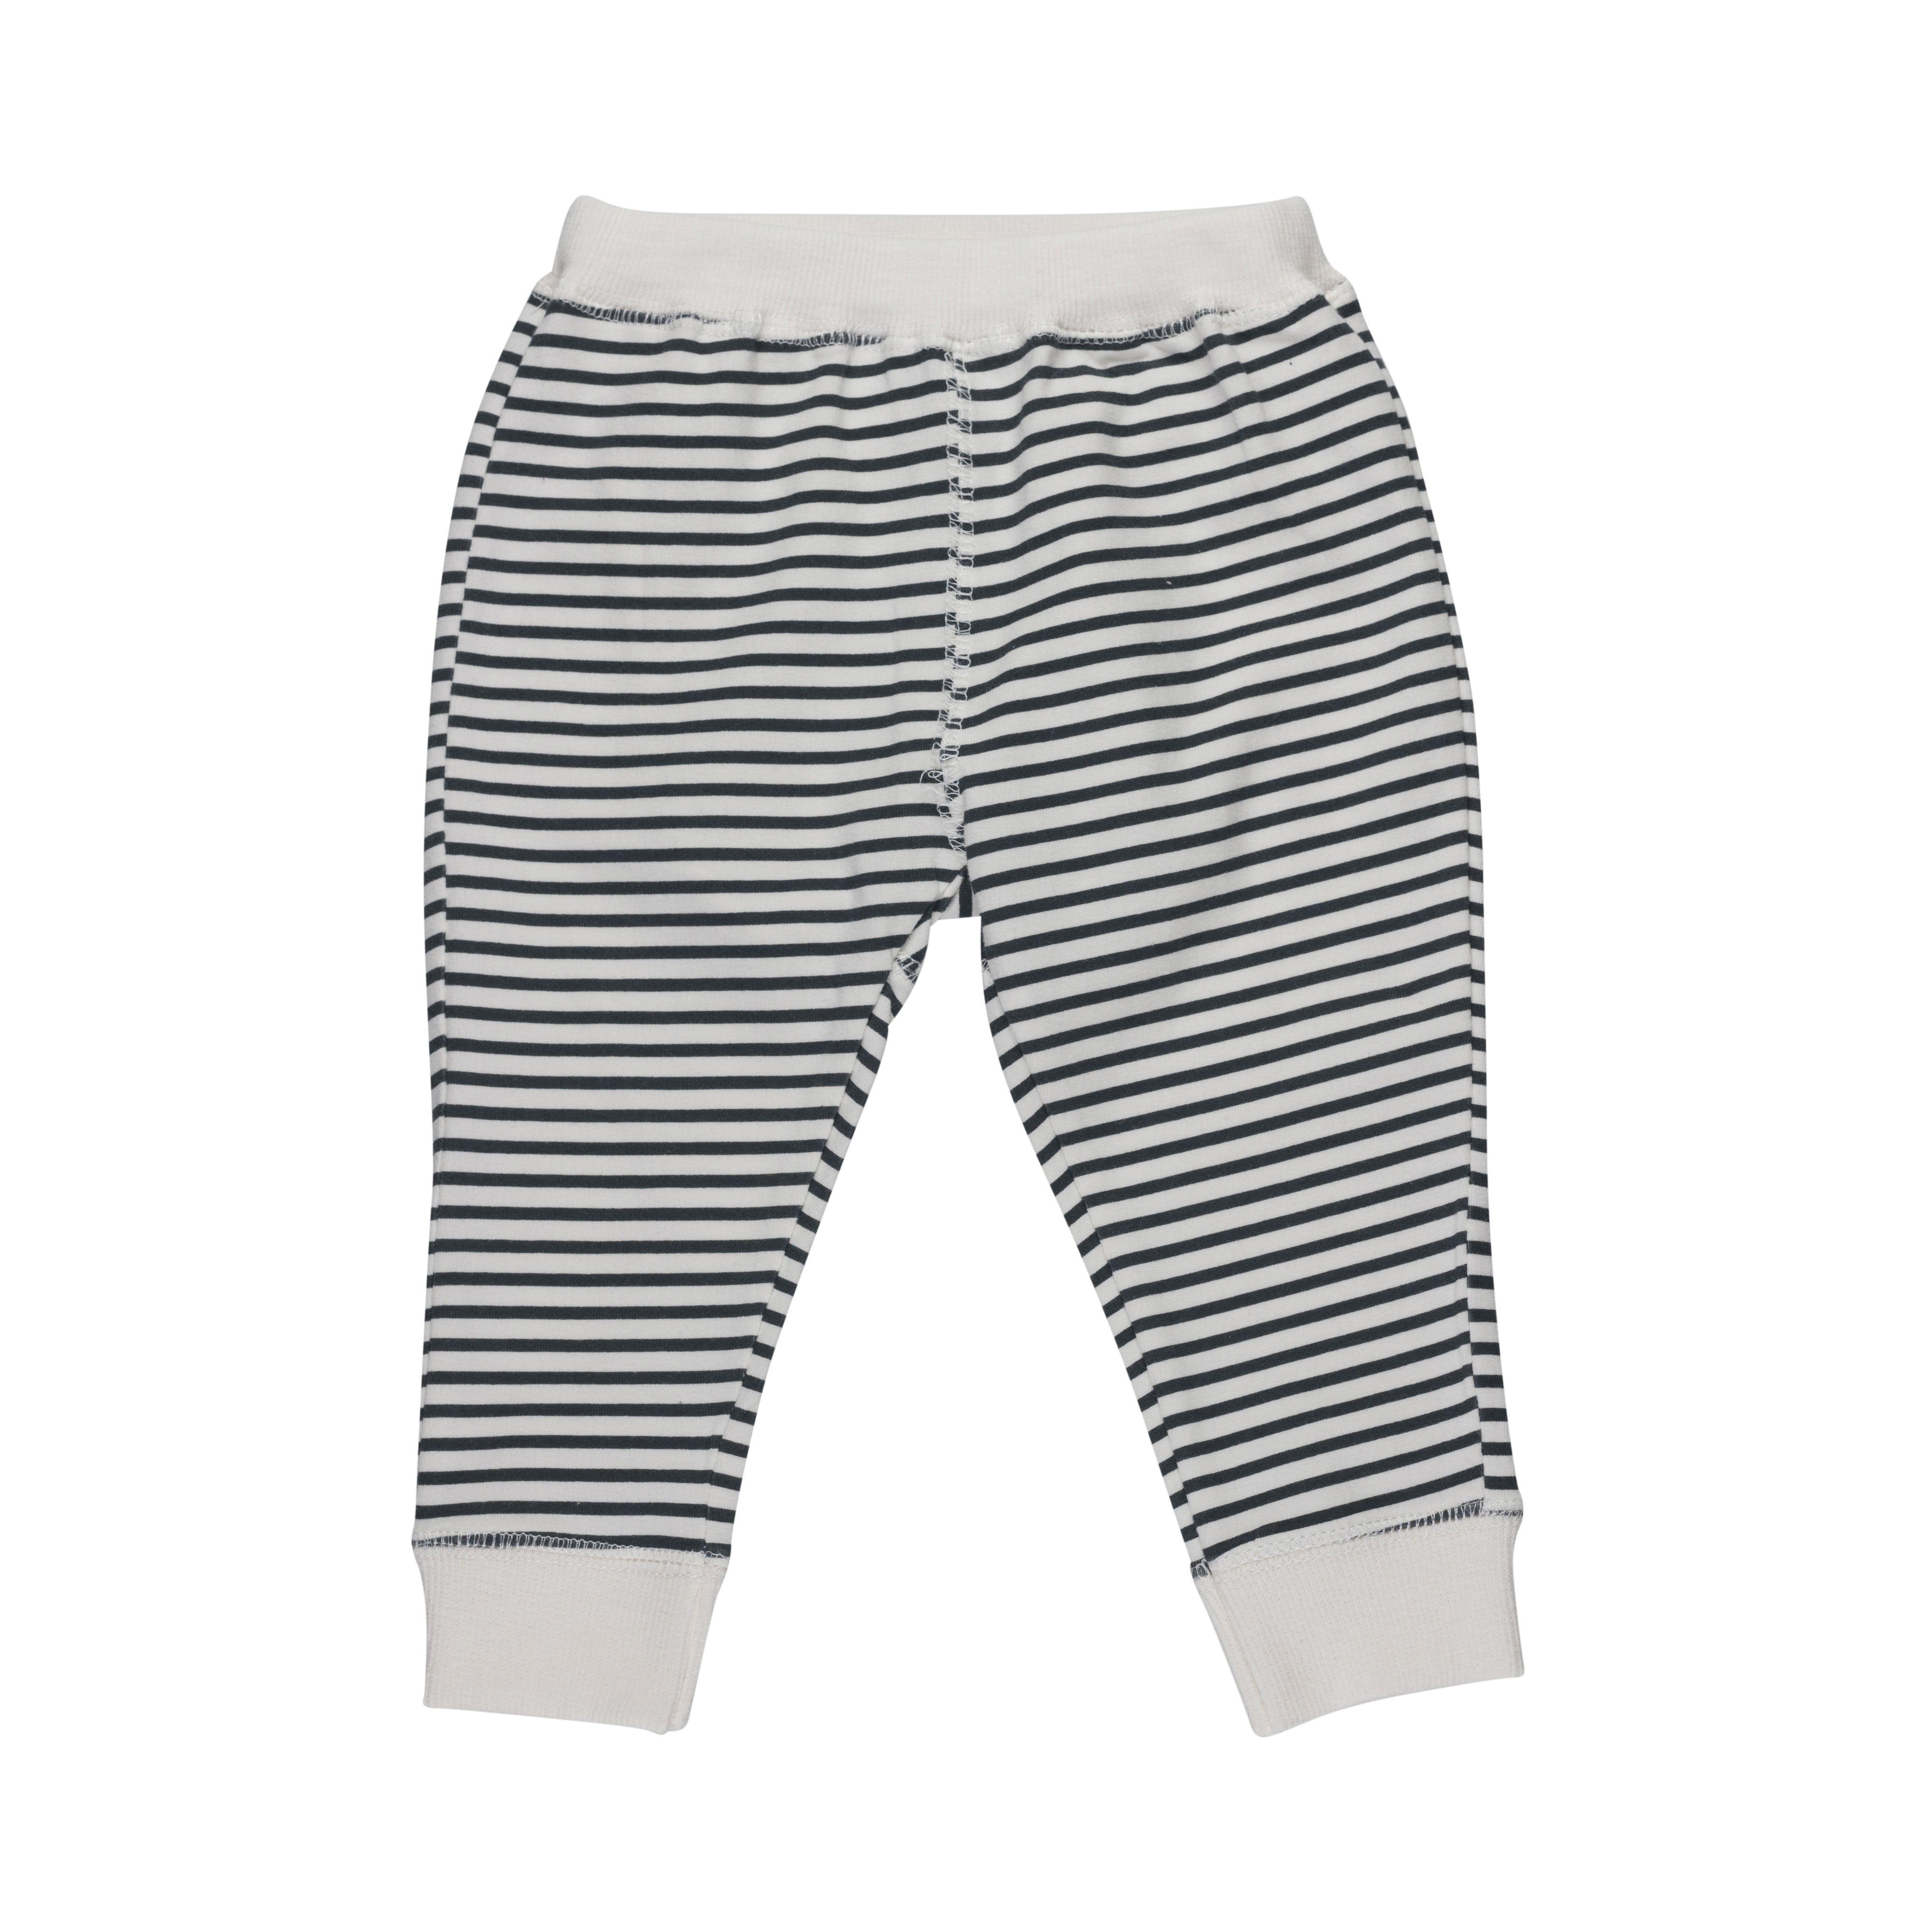 Billede af Baby bukser fra Pippi - Økologisk Bomuld - Black Stripes